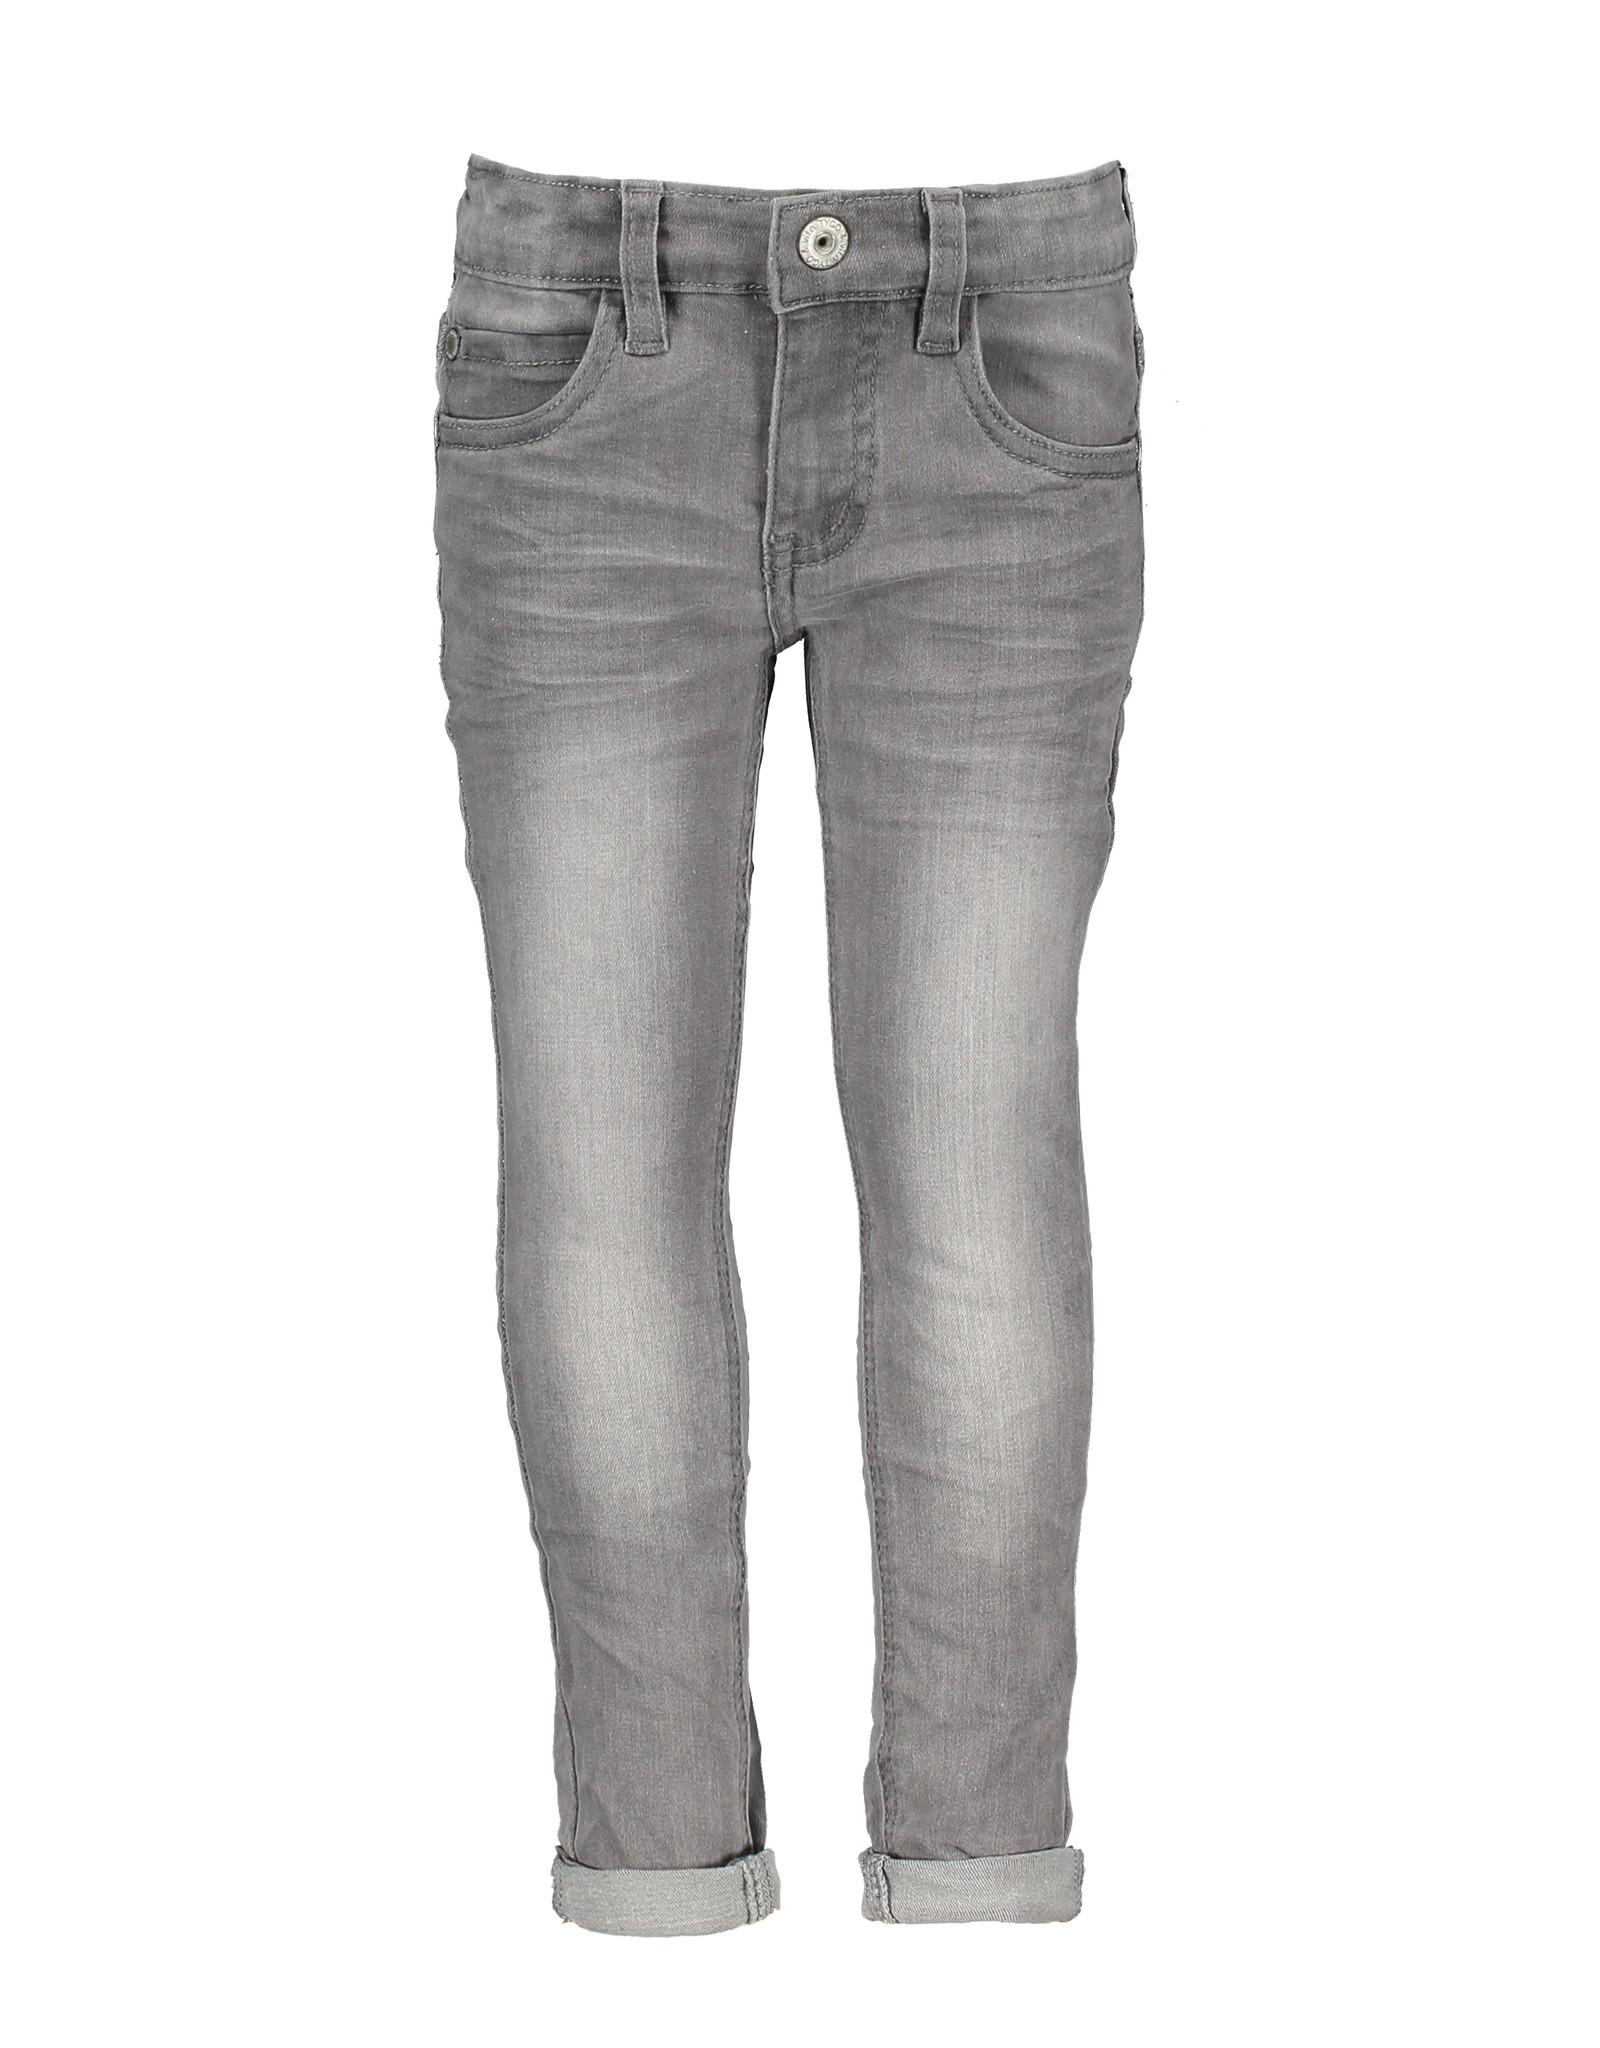 TYGO & Vito TYGO & Vito Skinny Stretch Jeans - Light Grey Denim